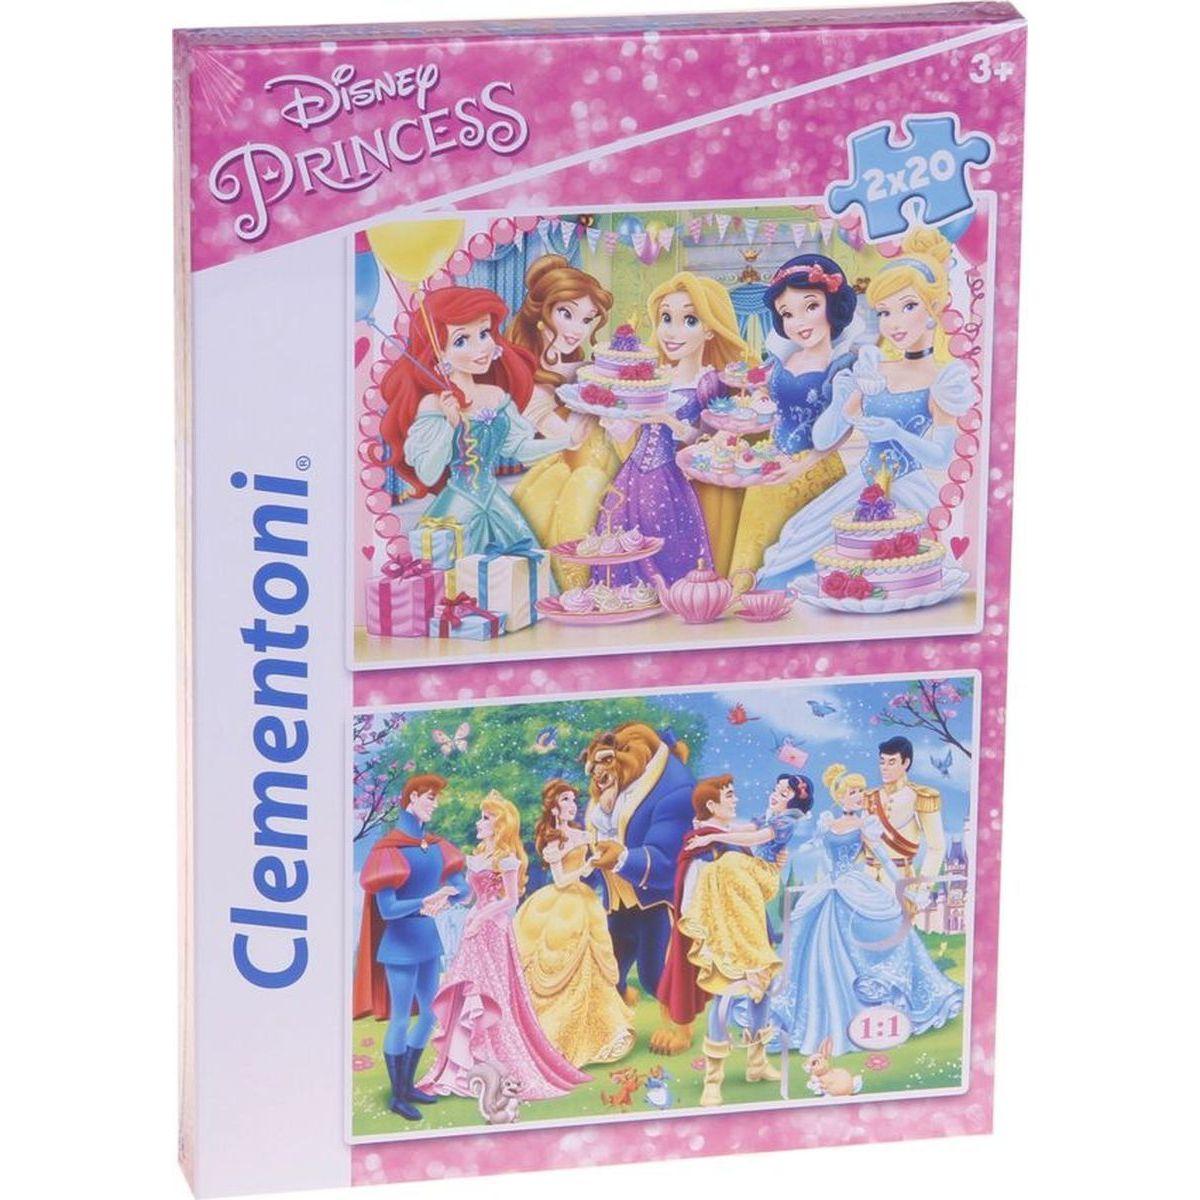 Clementoni Disney Princes Supercolor Princezny Puzzle 2x20d